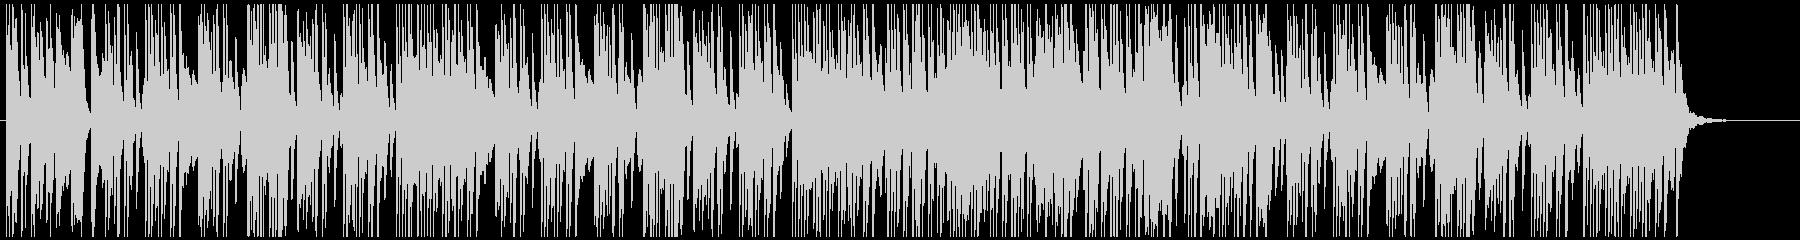 楽しく陽気なエンターティナーのピアノソロの未再生の波形